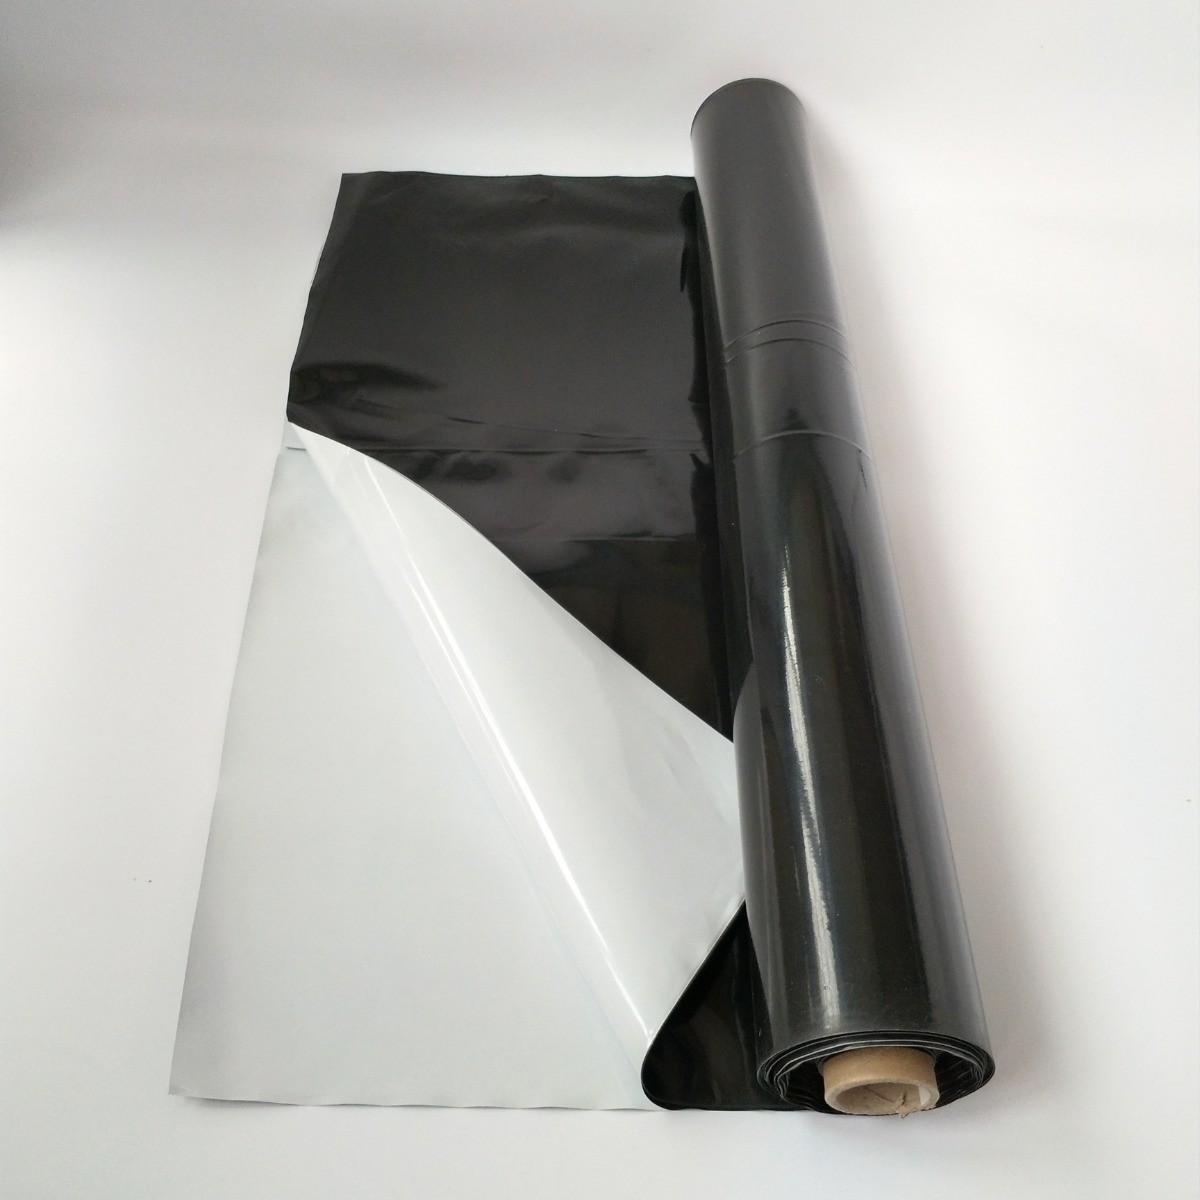 Lona Silagem Nortene Branca/Preta 72kg - 6x65m